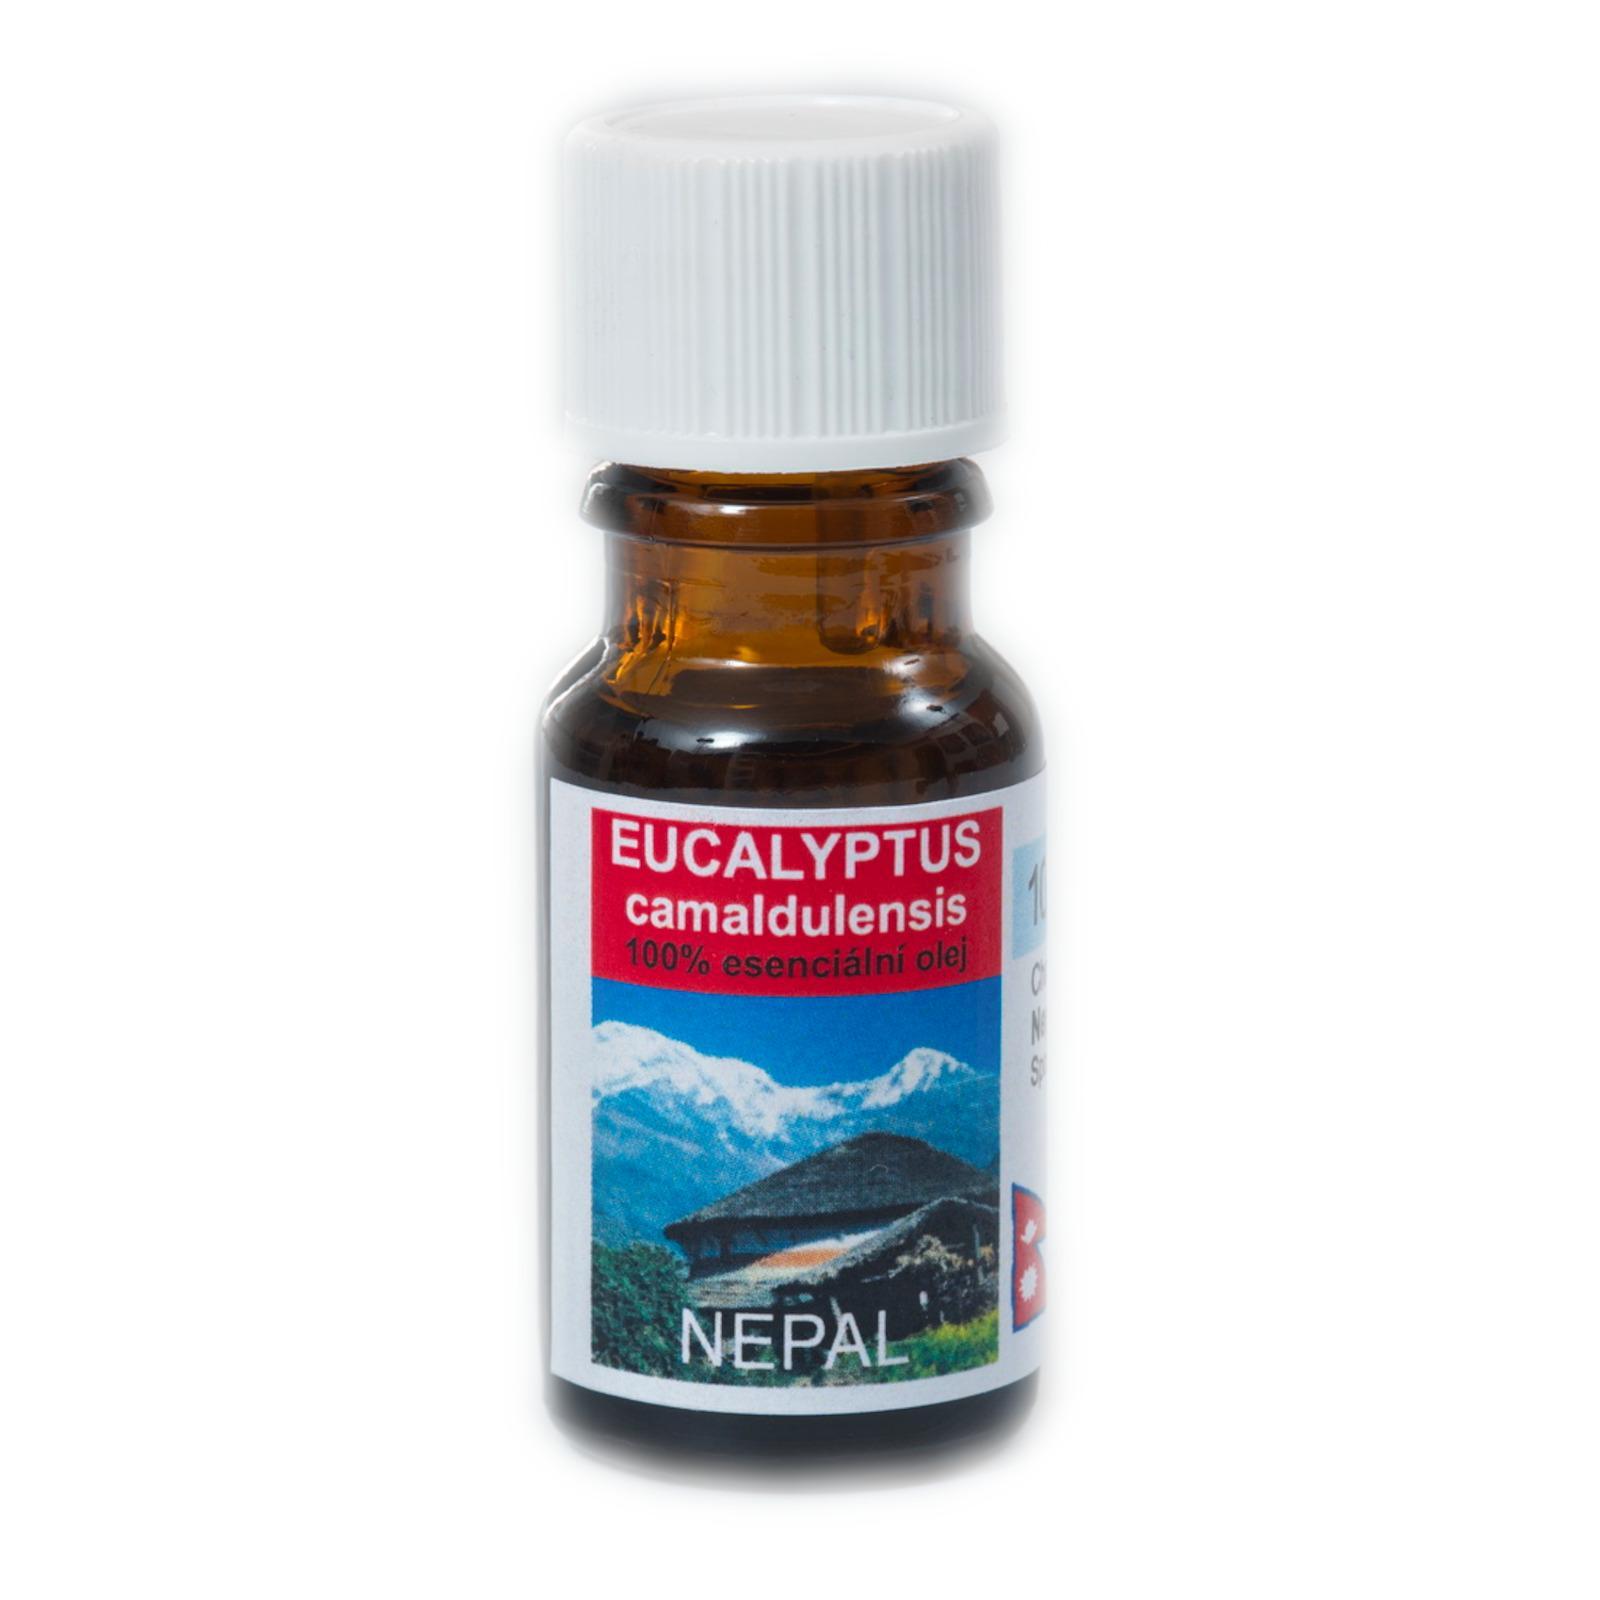 Chaudhary Biosys Eucalyptus camaldulensis 10 ml